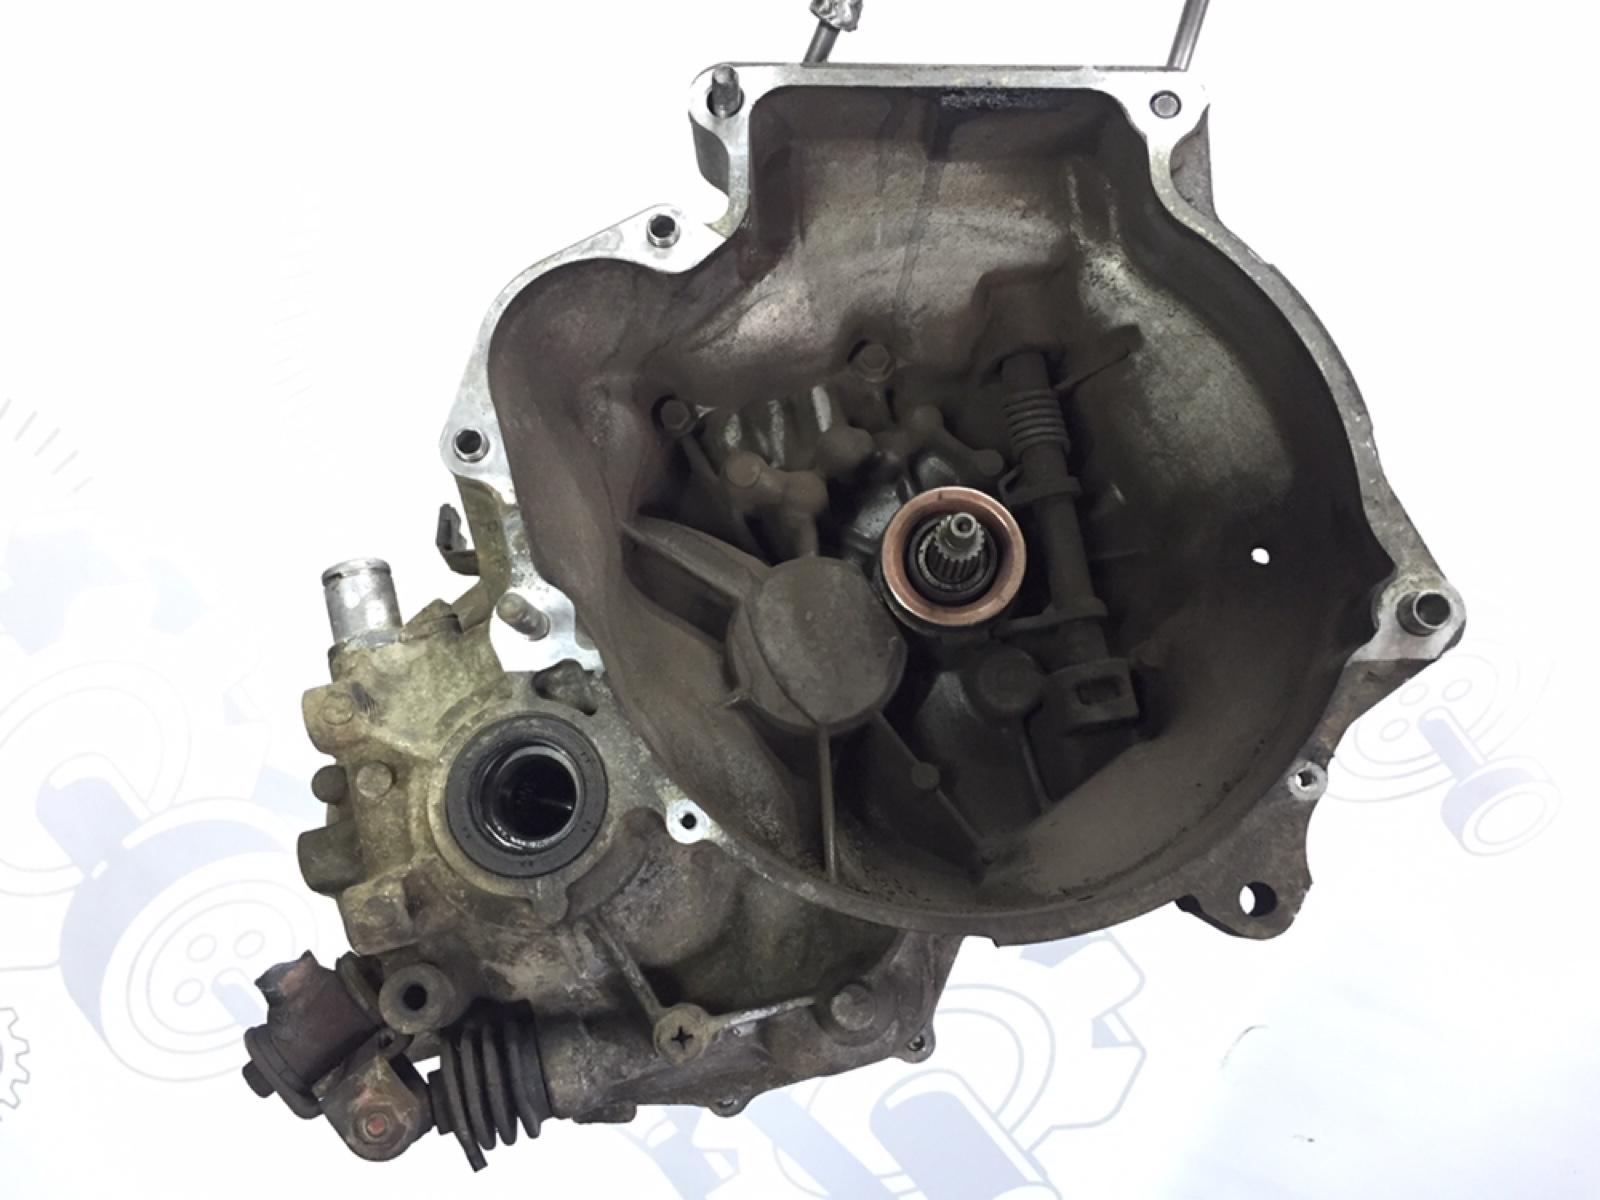 Кпп механическая (мкпп) Suzuki Swift 1.0 I 2002 (б/у)